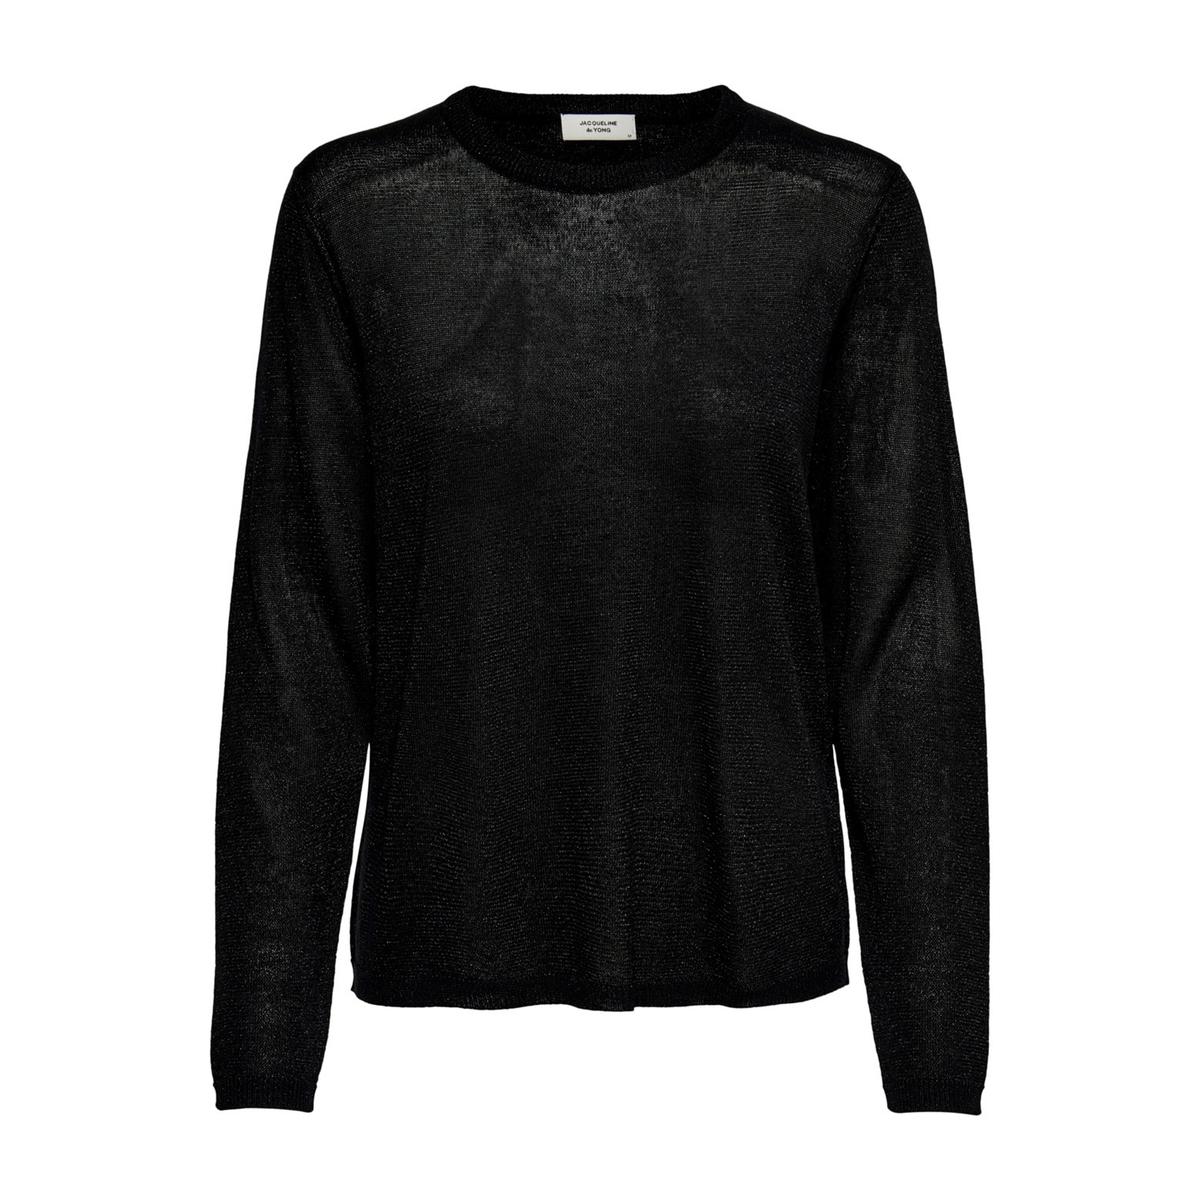 Пуловер La Redoute С круглым вырезом и длинными рукавами S черный пуловер la redoute с круглым вырезом и длинными рукавами m каштановый